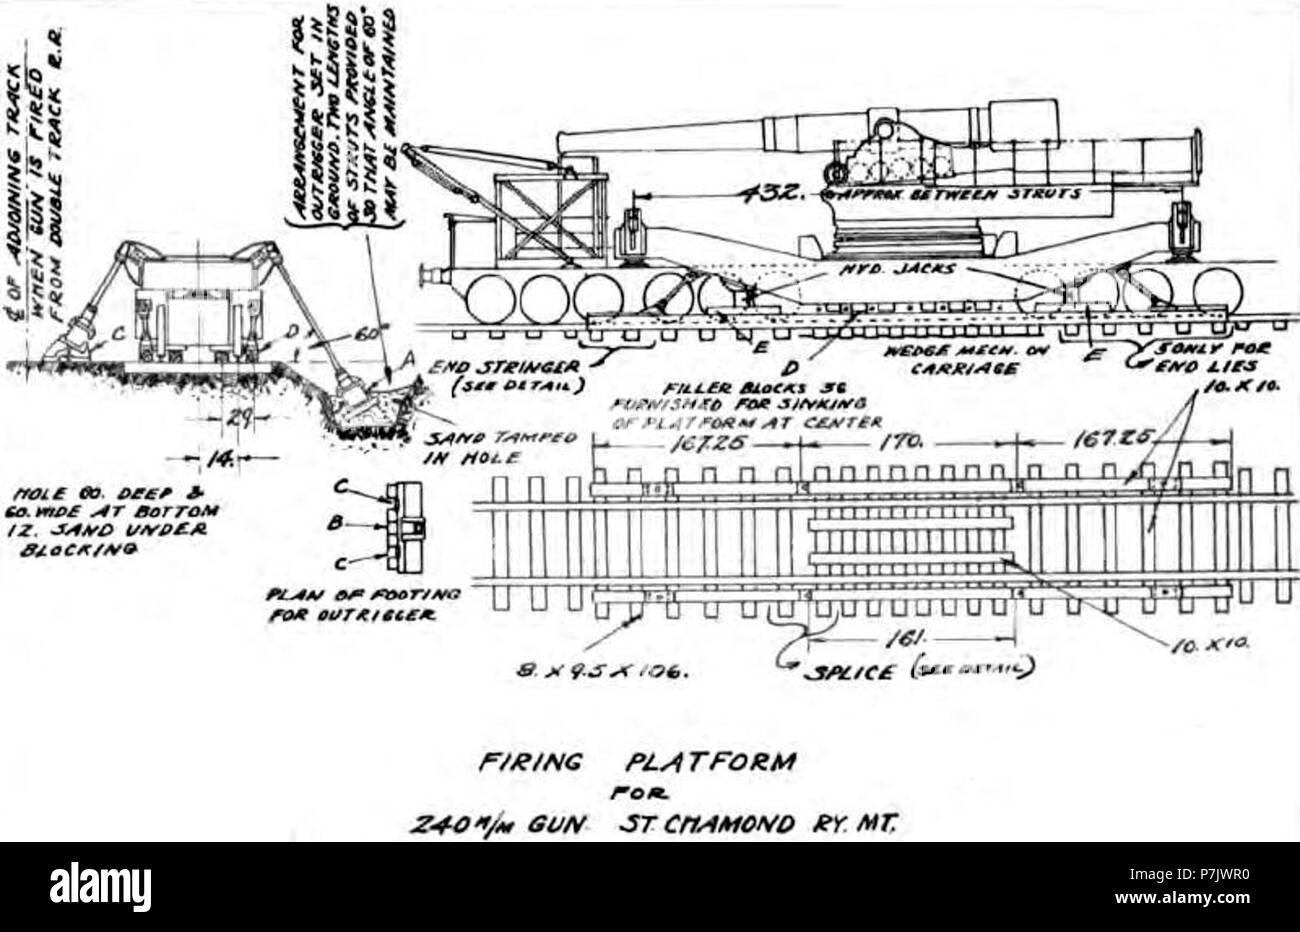 240 mm St Chamond railway gun Diagramm Stockfoto, Bild ... Rail Gun Schematic Diagram on